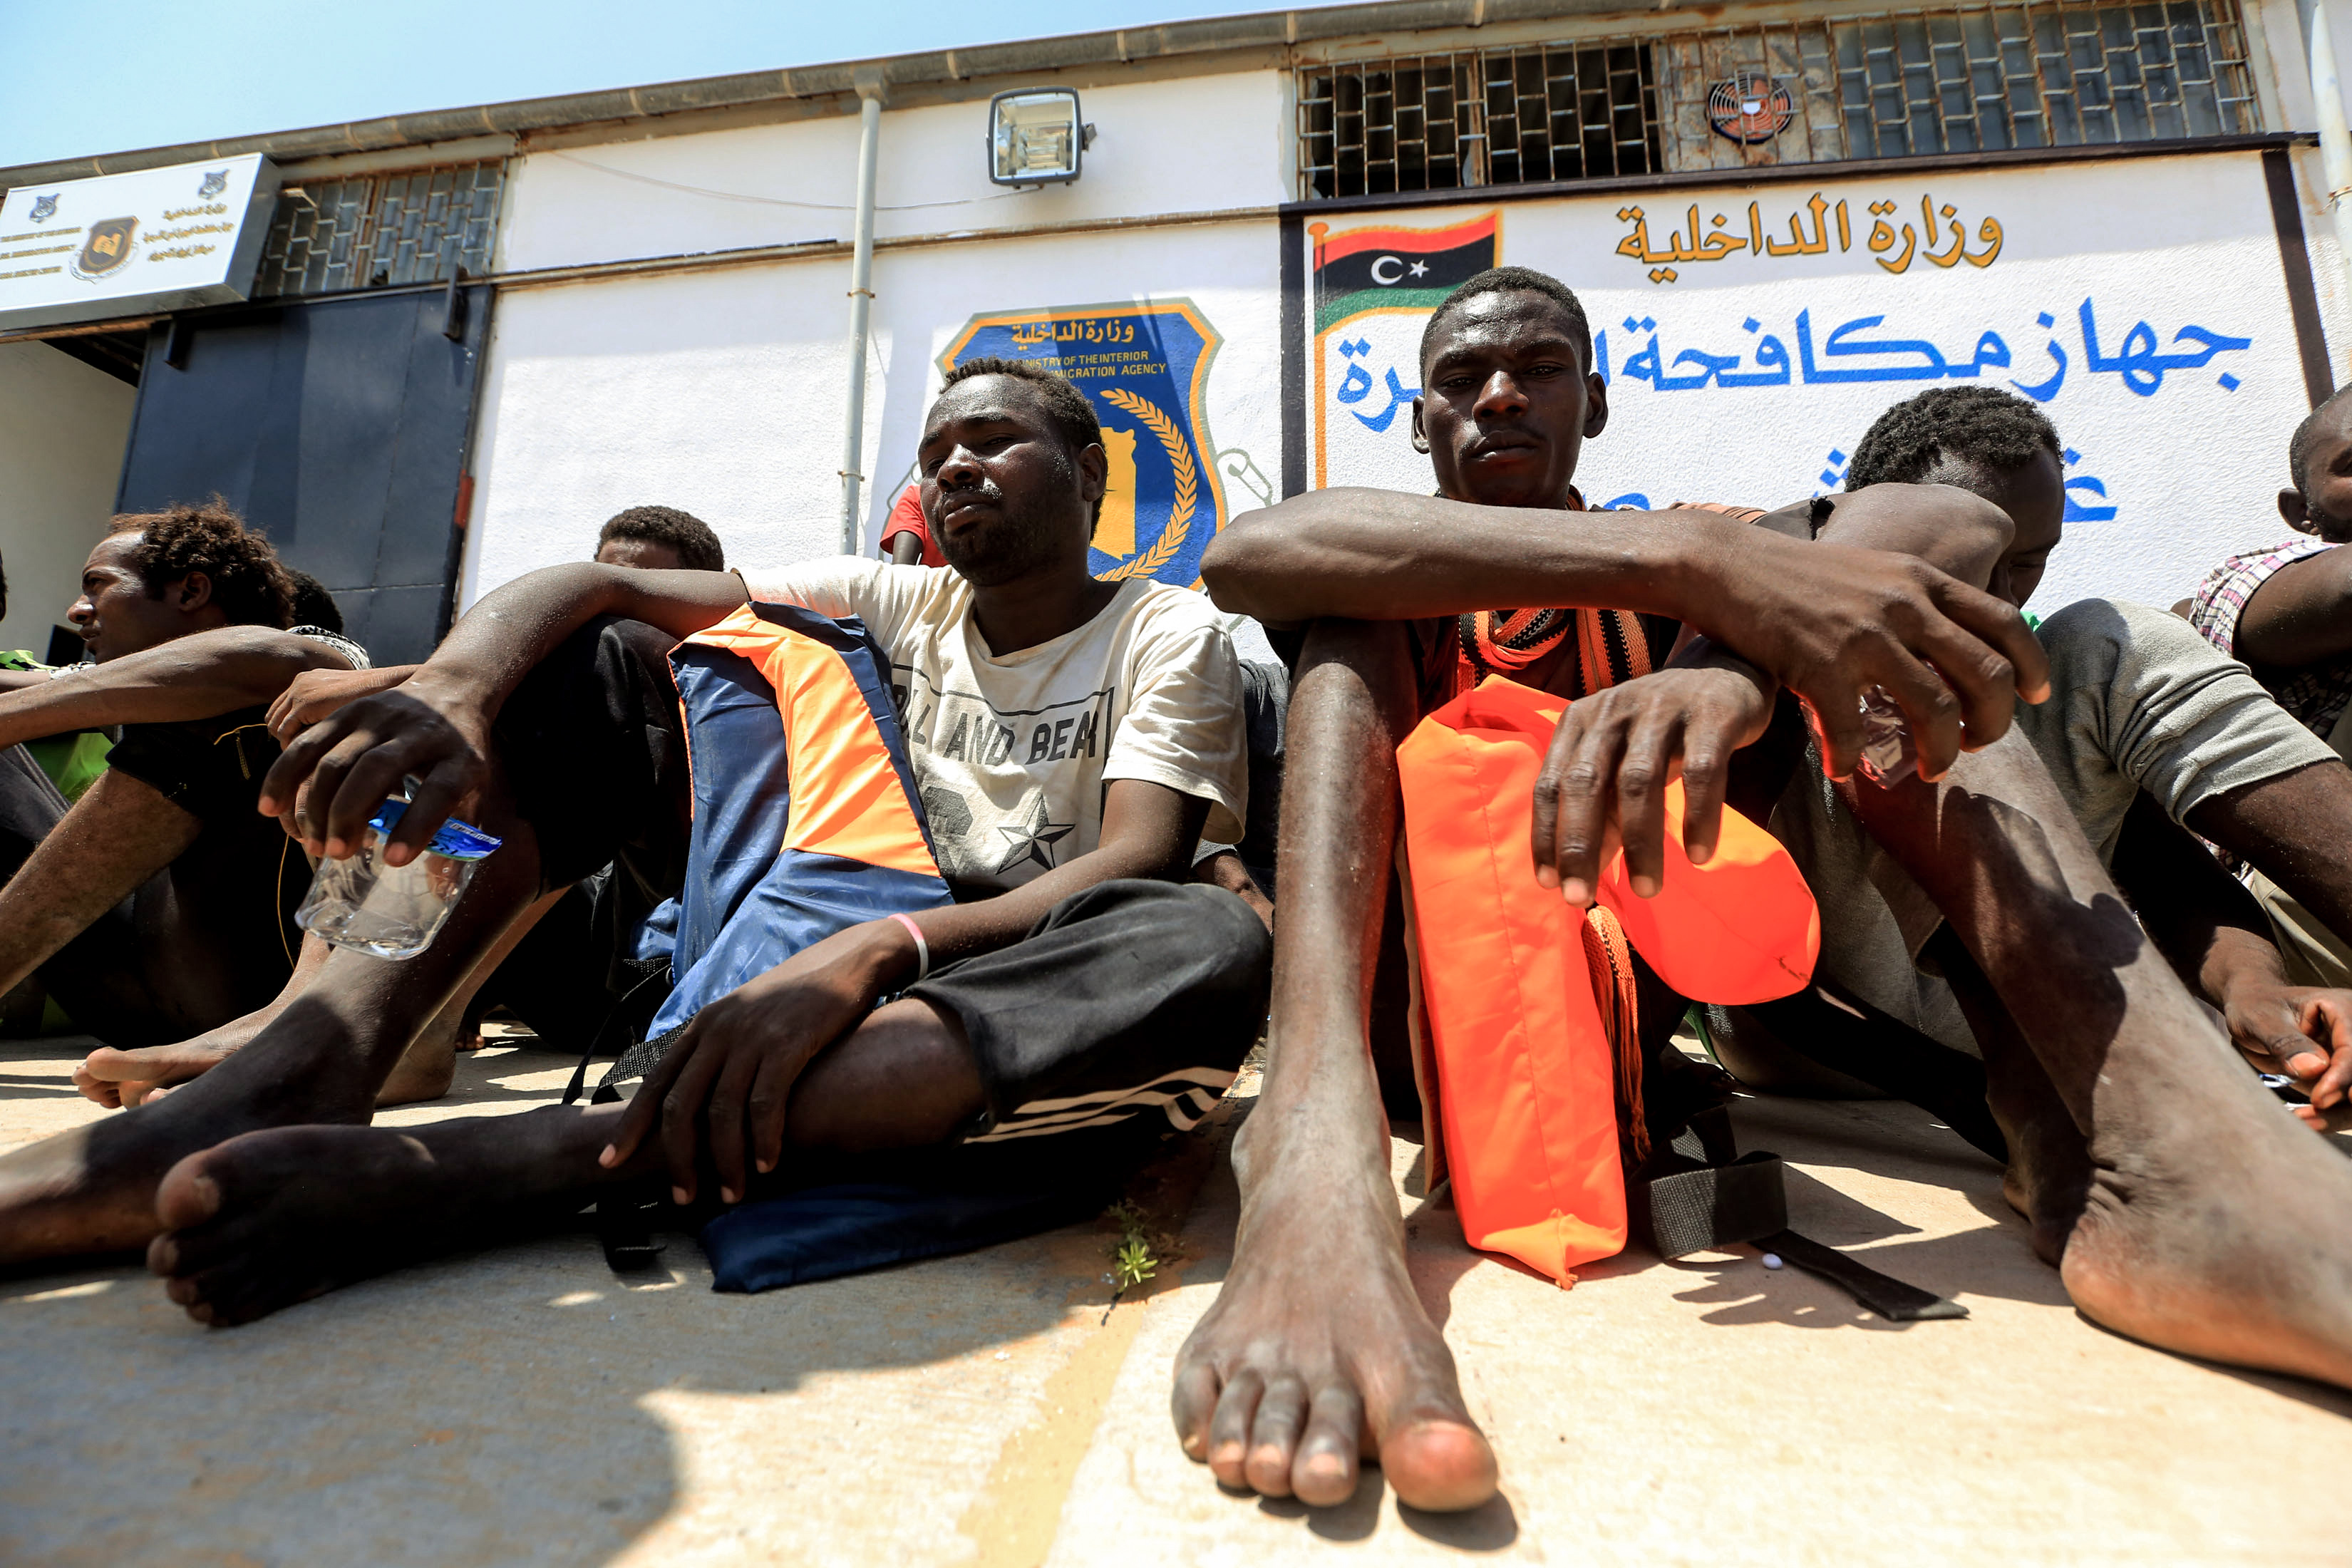 نتيجة بحث الصور عن ليبيا و مخاطر الهجرة غير الشرعية